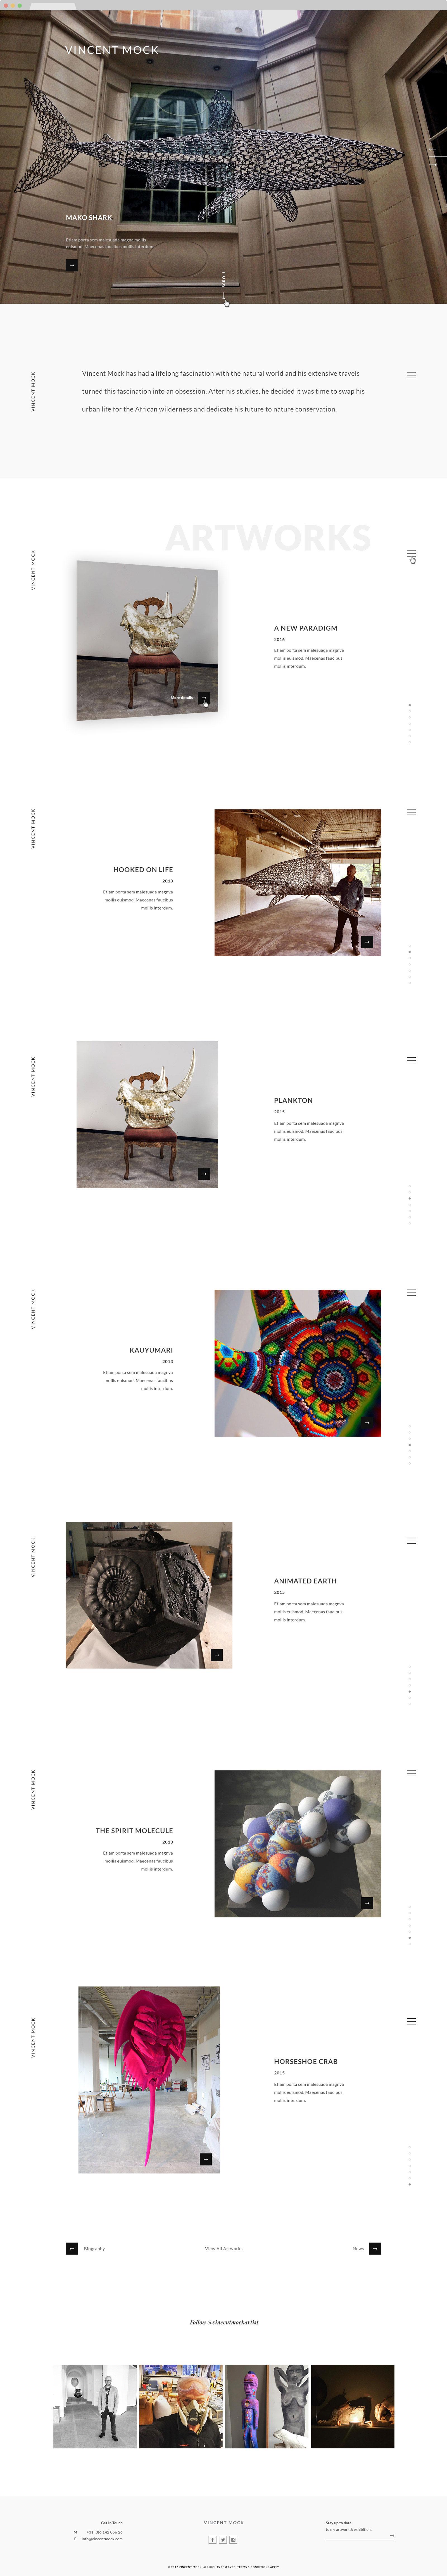 web design hk vincent mock 00